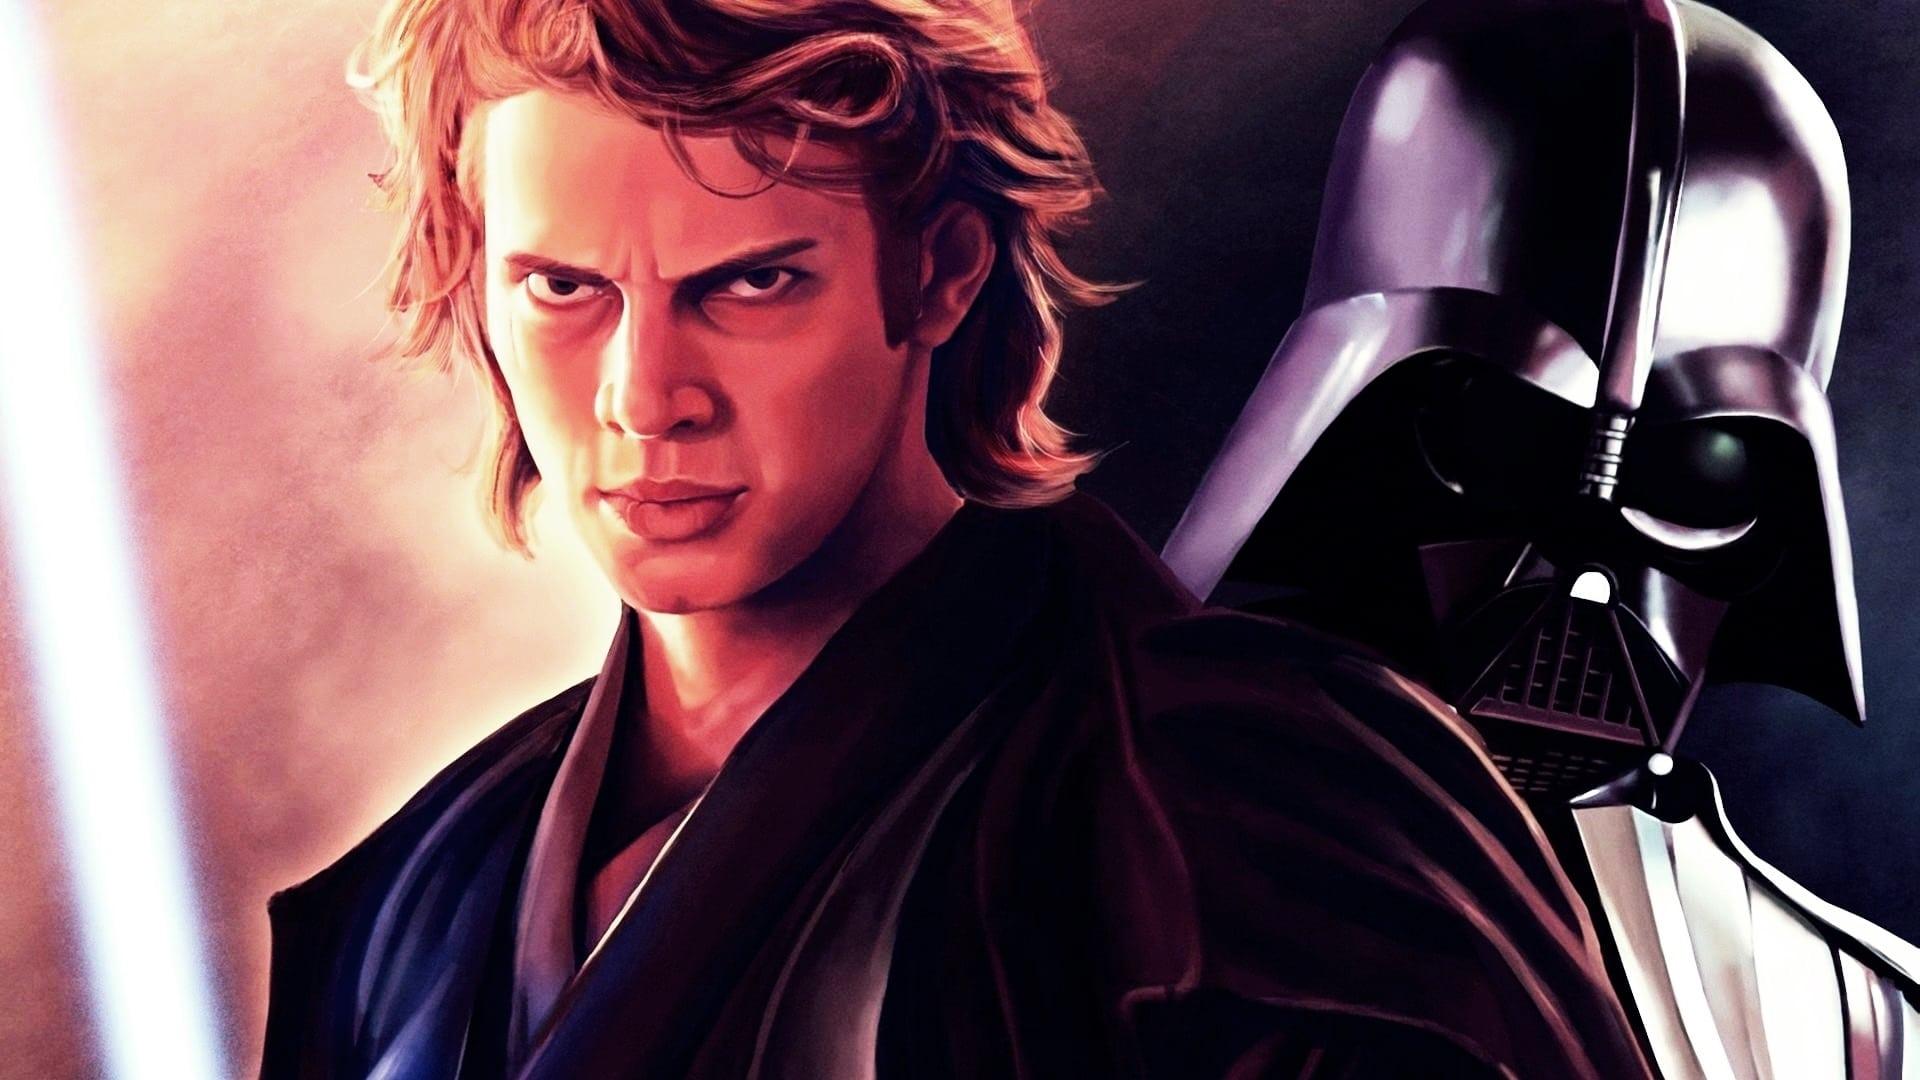 Star Wars – Episodio III: La venganza de los sith